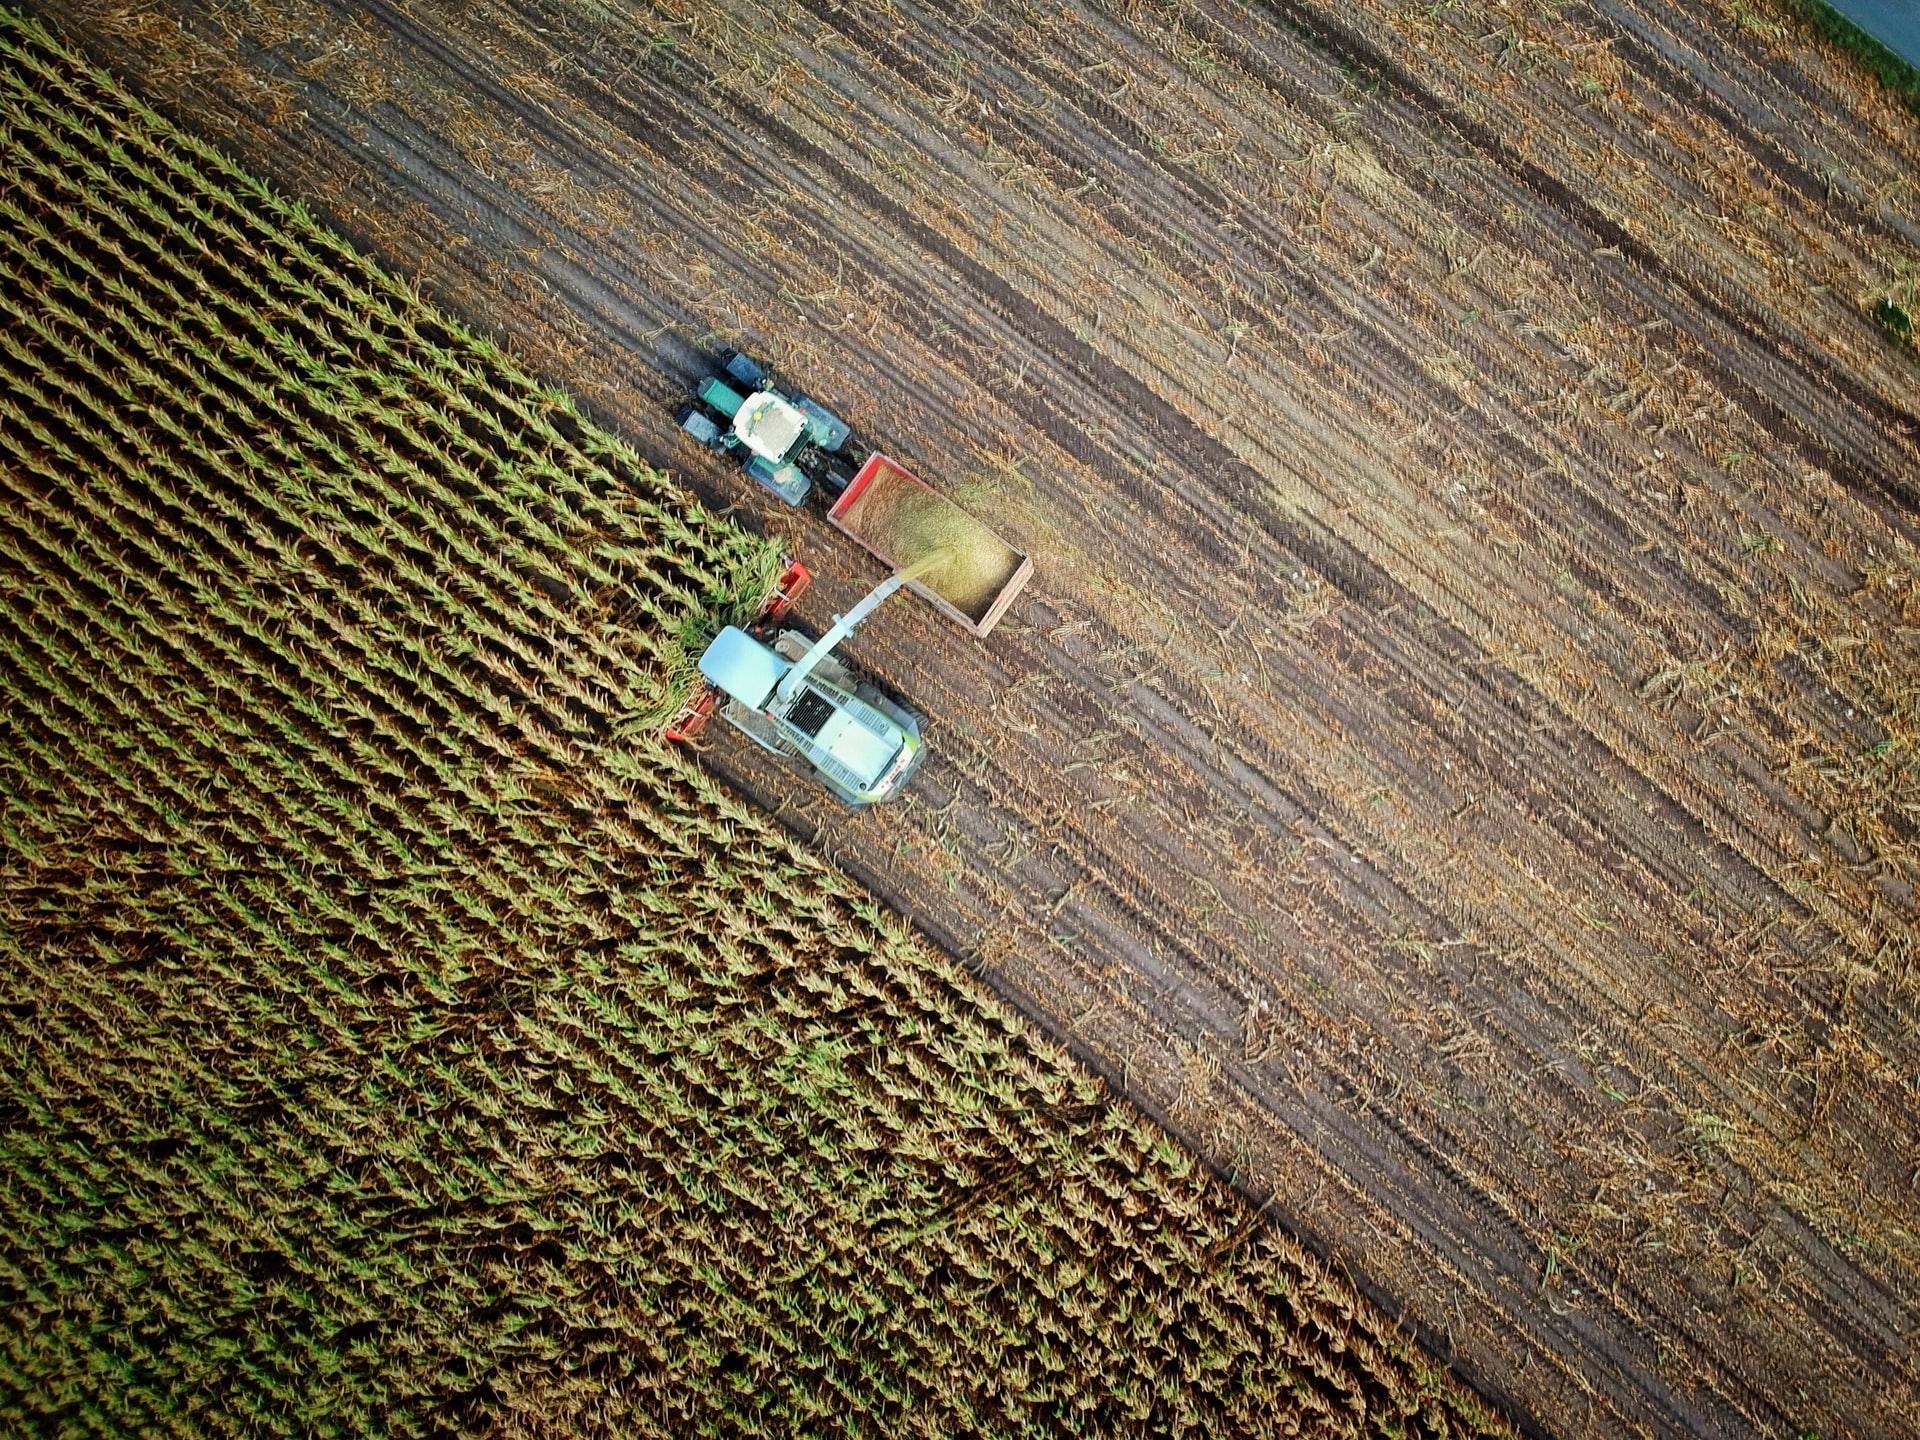 Industrie agricole : ces petits matériels qui aident beaucoup